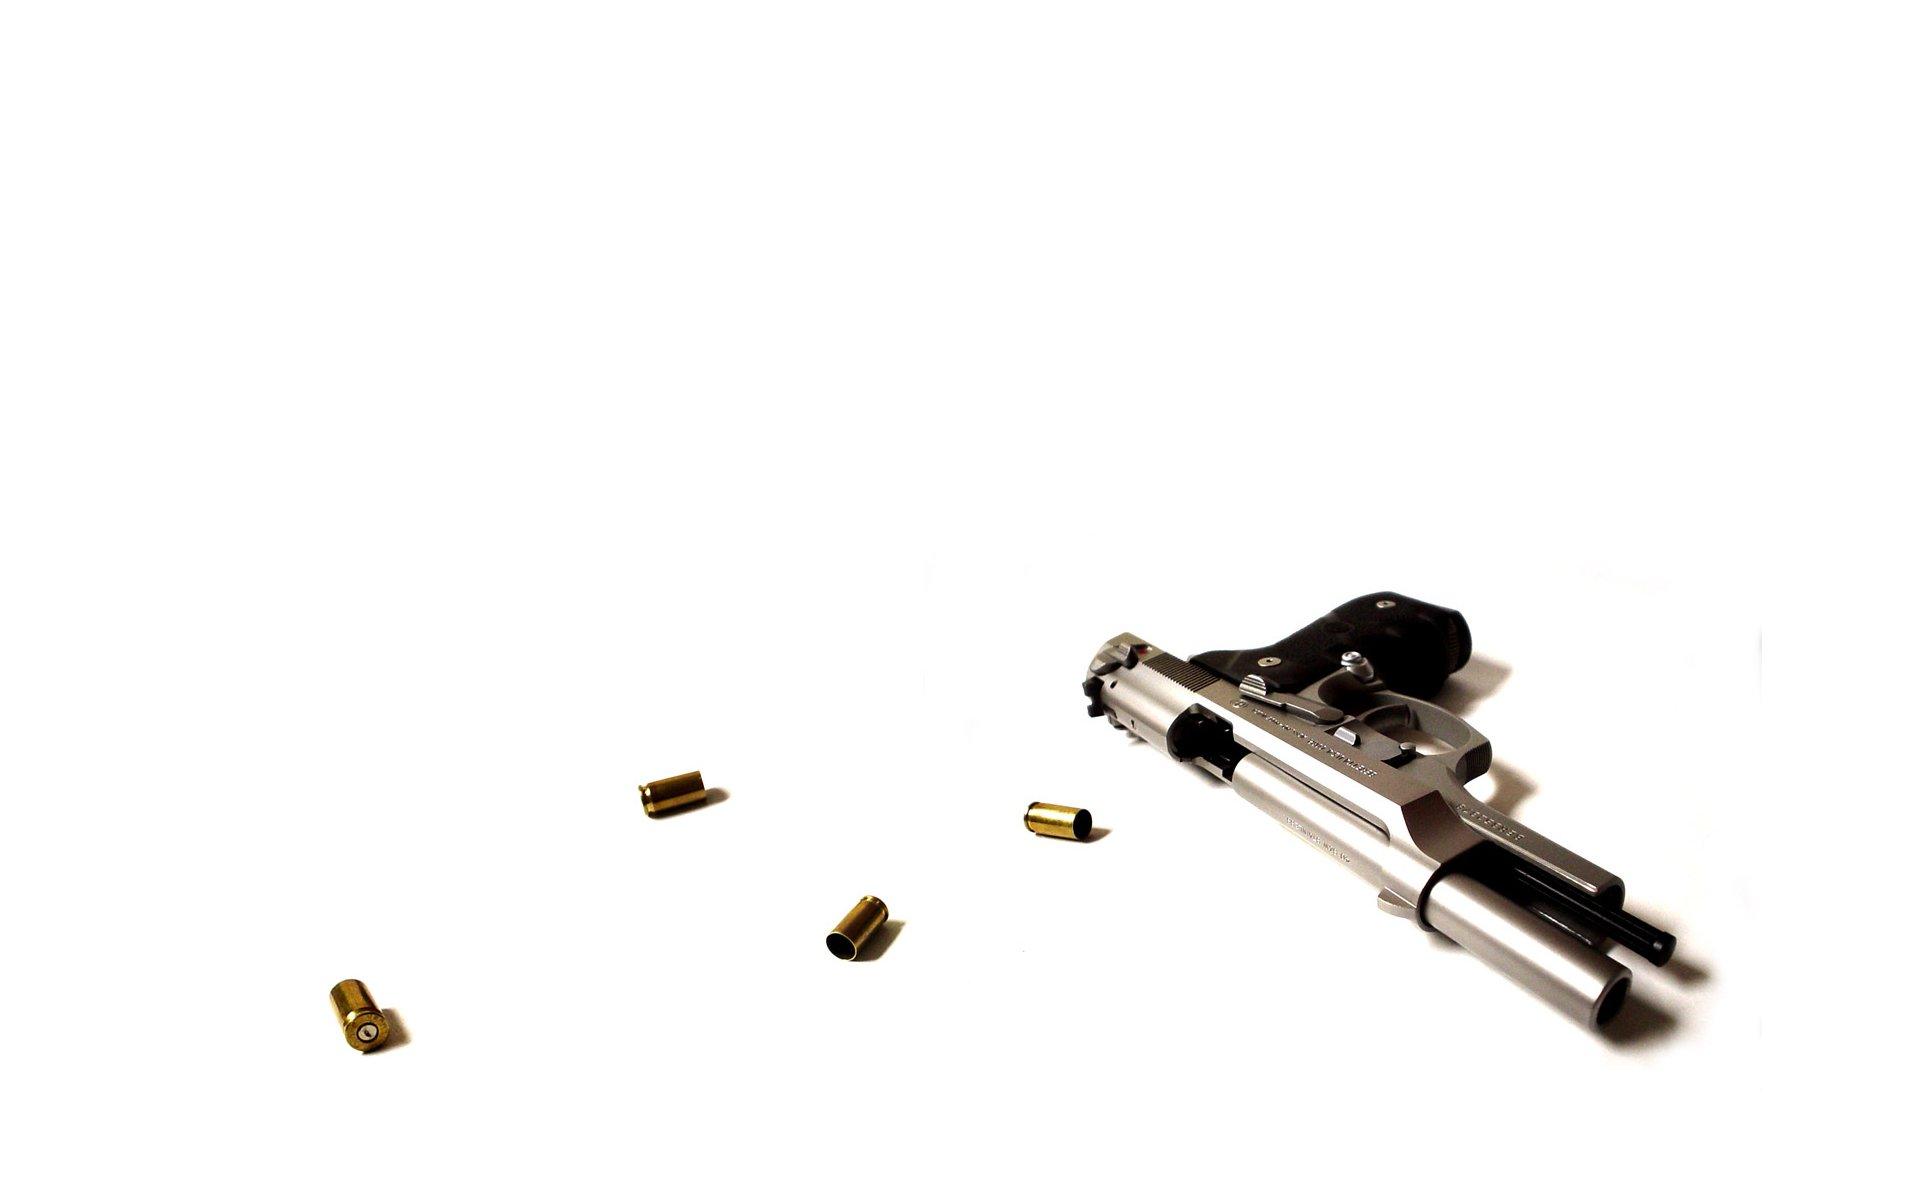 武器 - 手枪  壁纸